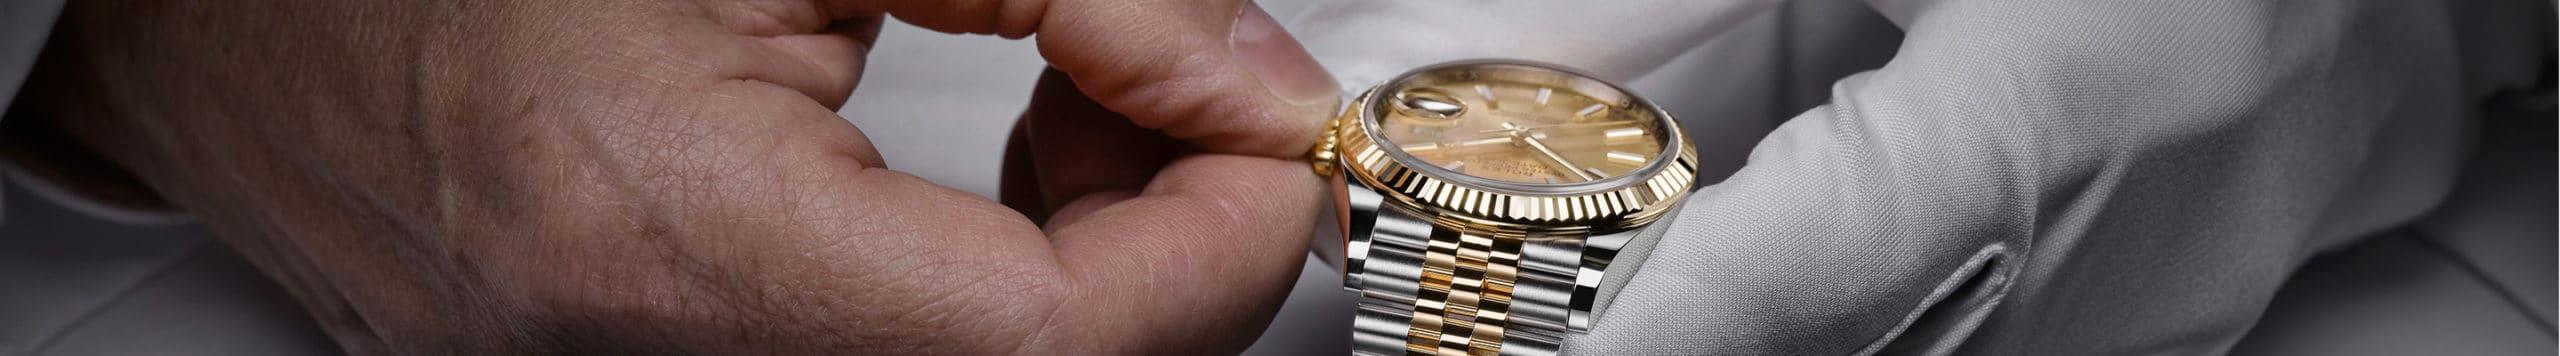 การรับประกันความทนทานของนาฬิกา Rolex โดย ศูนย์ซ่อม Rolex NGG Timepieces